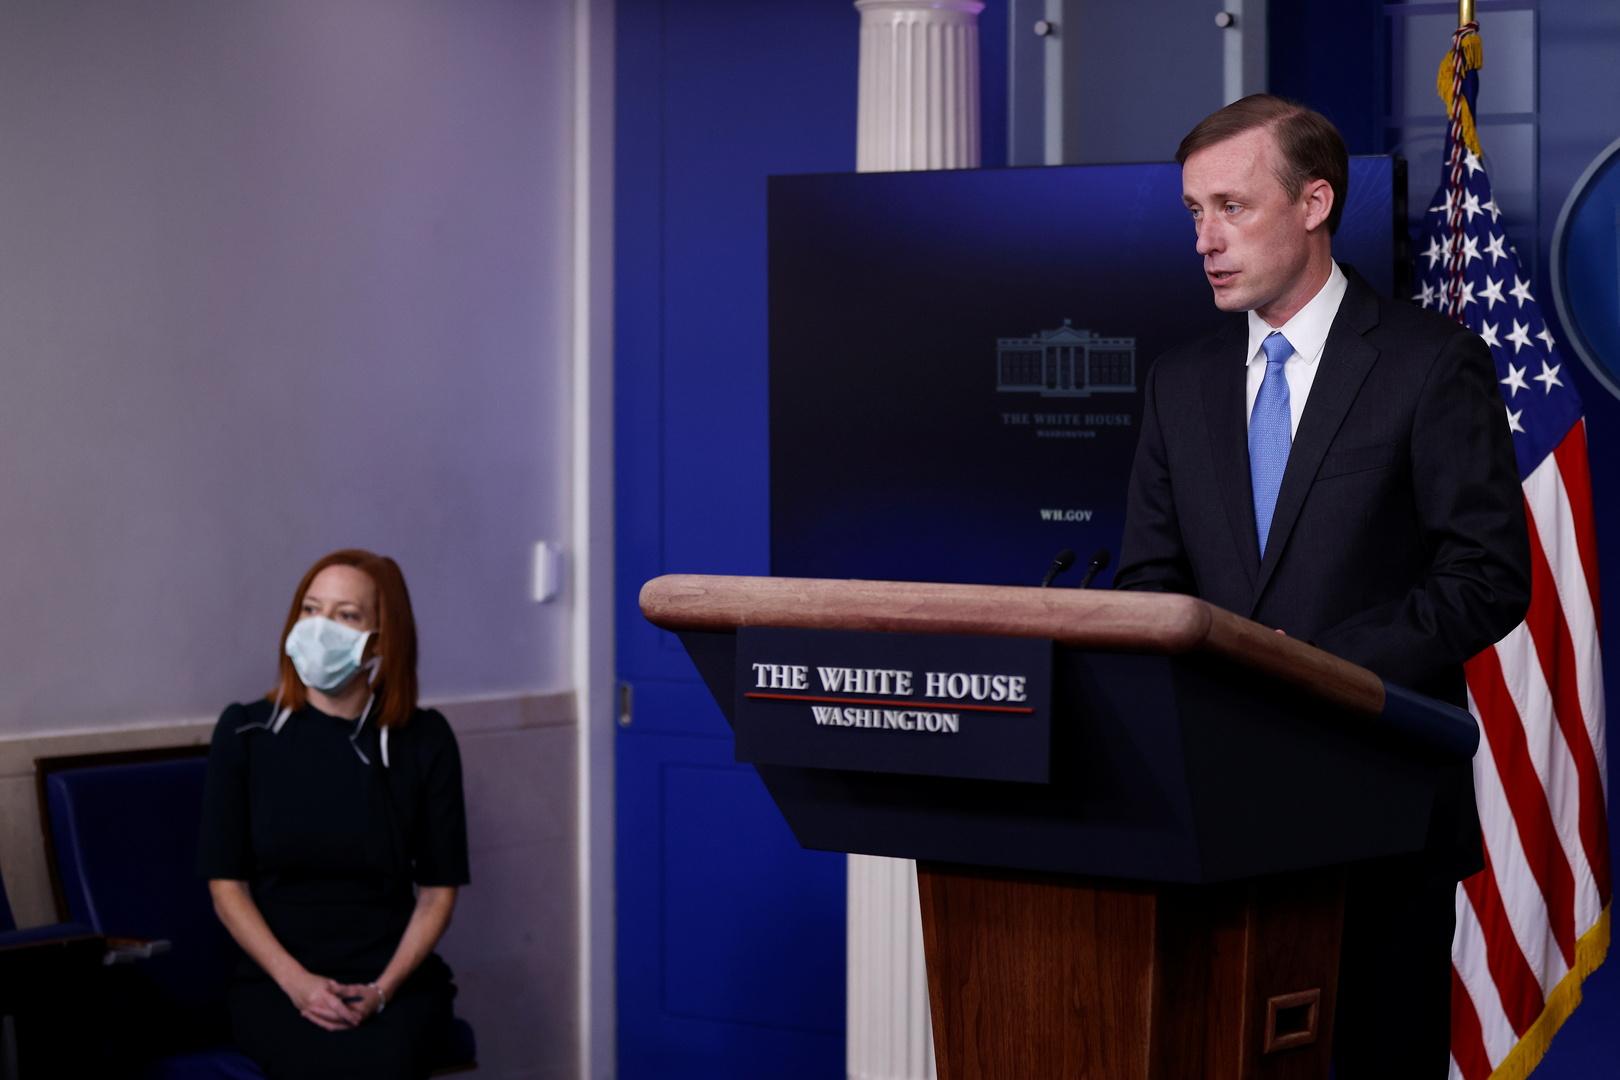 إدارة بايدن: بدأنا اتصالات مع إيران حول الأمريكيين المحتجزين لديها